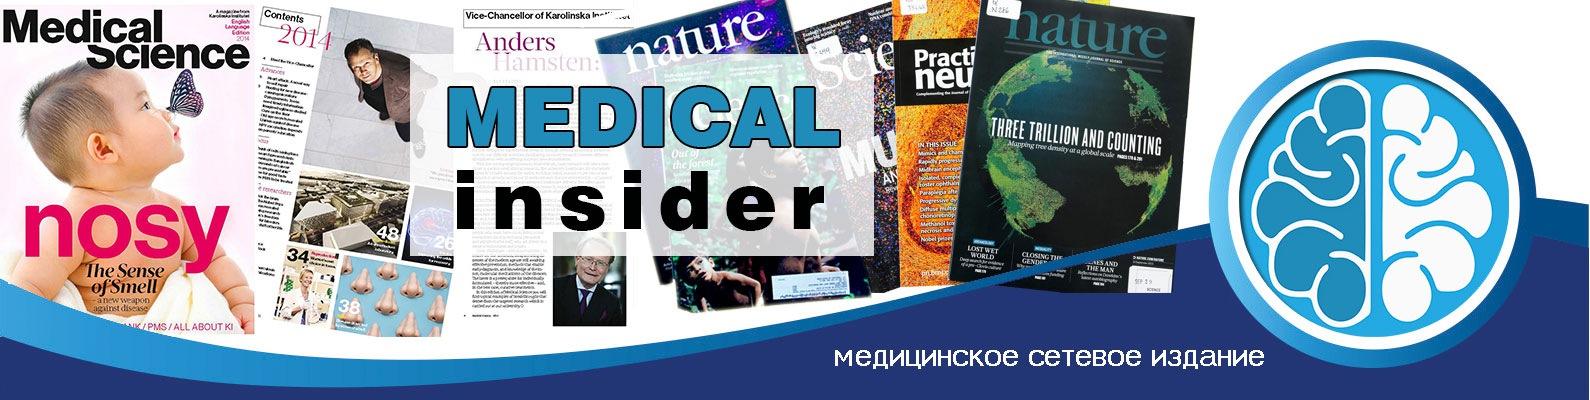 Medical Insider: медицина и наука   ВКонтакте